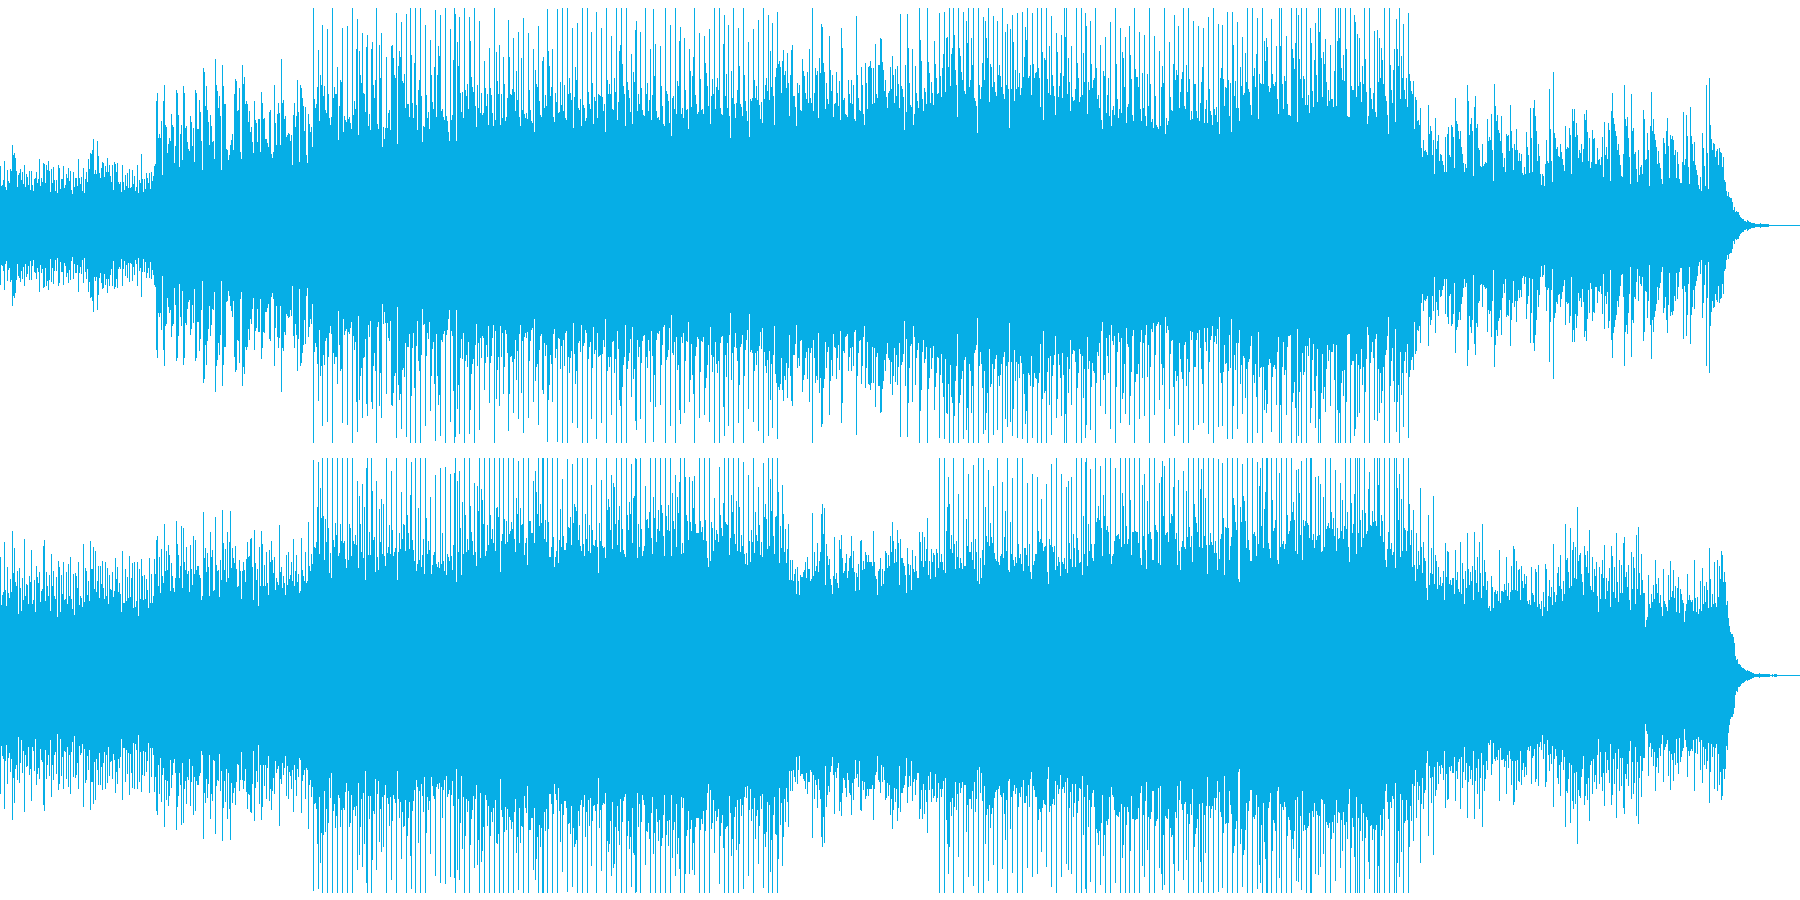 ピアノがきらきら綺麗なBGM3の再生済みの波形